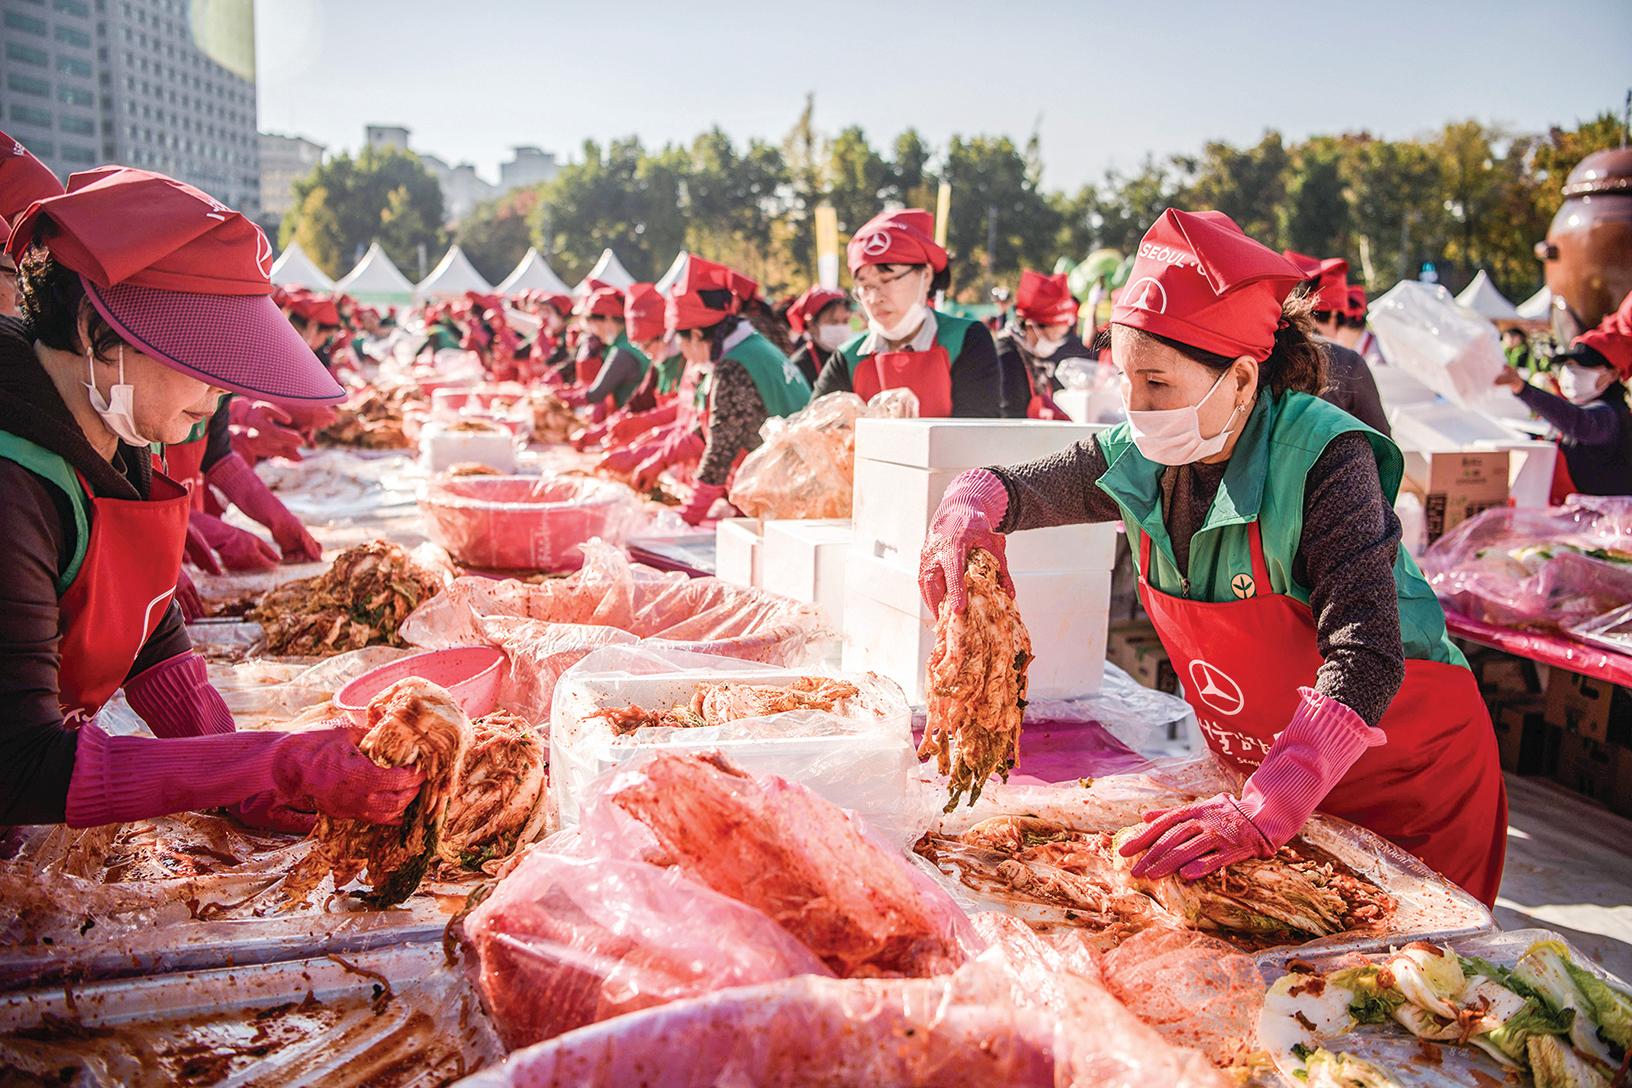 事實上,中國四川泡菜(Paocai)與韓國泡菜(Kimchi)沒有關係,它們都有各自的國際標準。而環時卻無端地挑動是非。圖為2018年11月,很多志願者參加在韓國首爾舉行的泡菜製作節。(Getty Images)